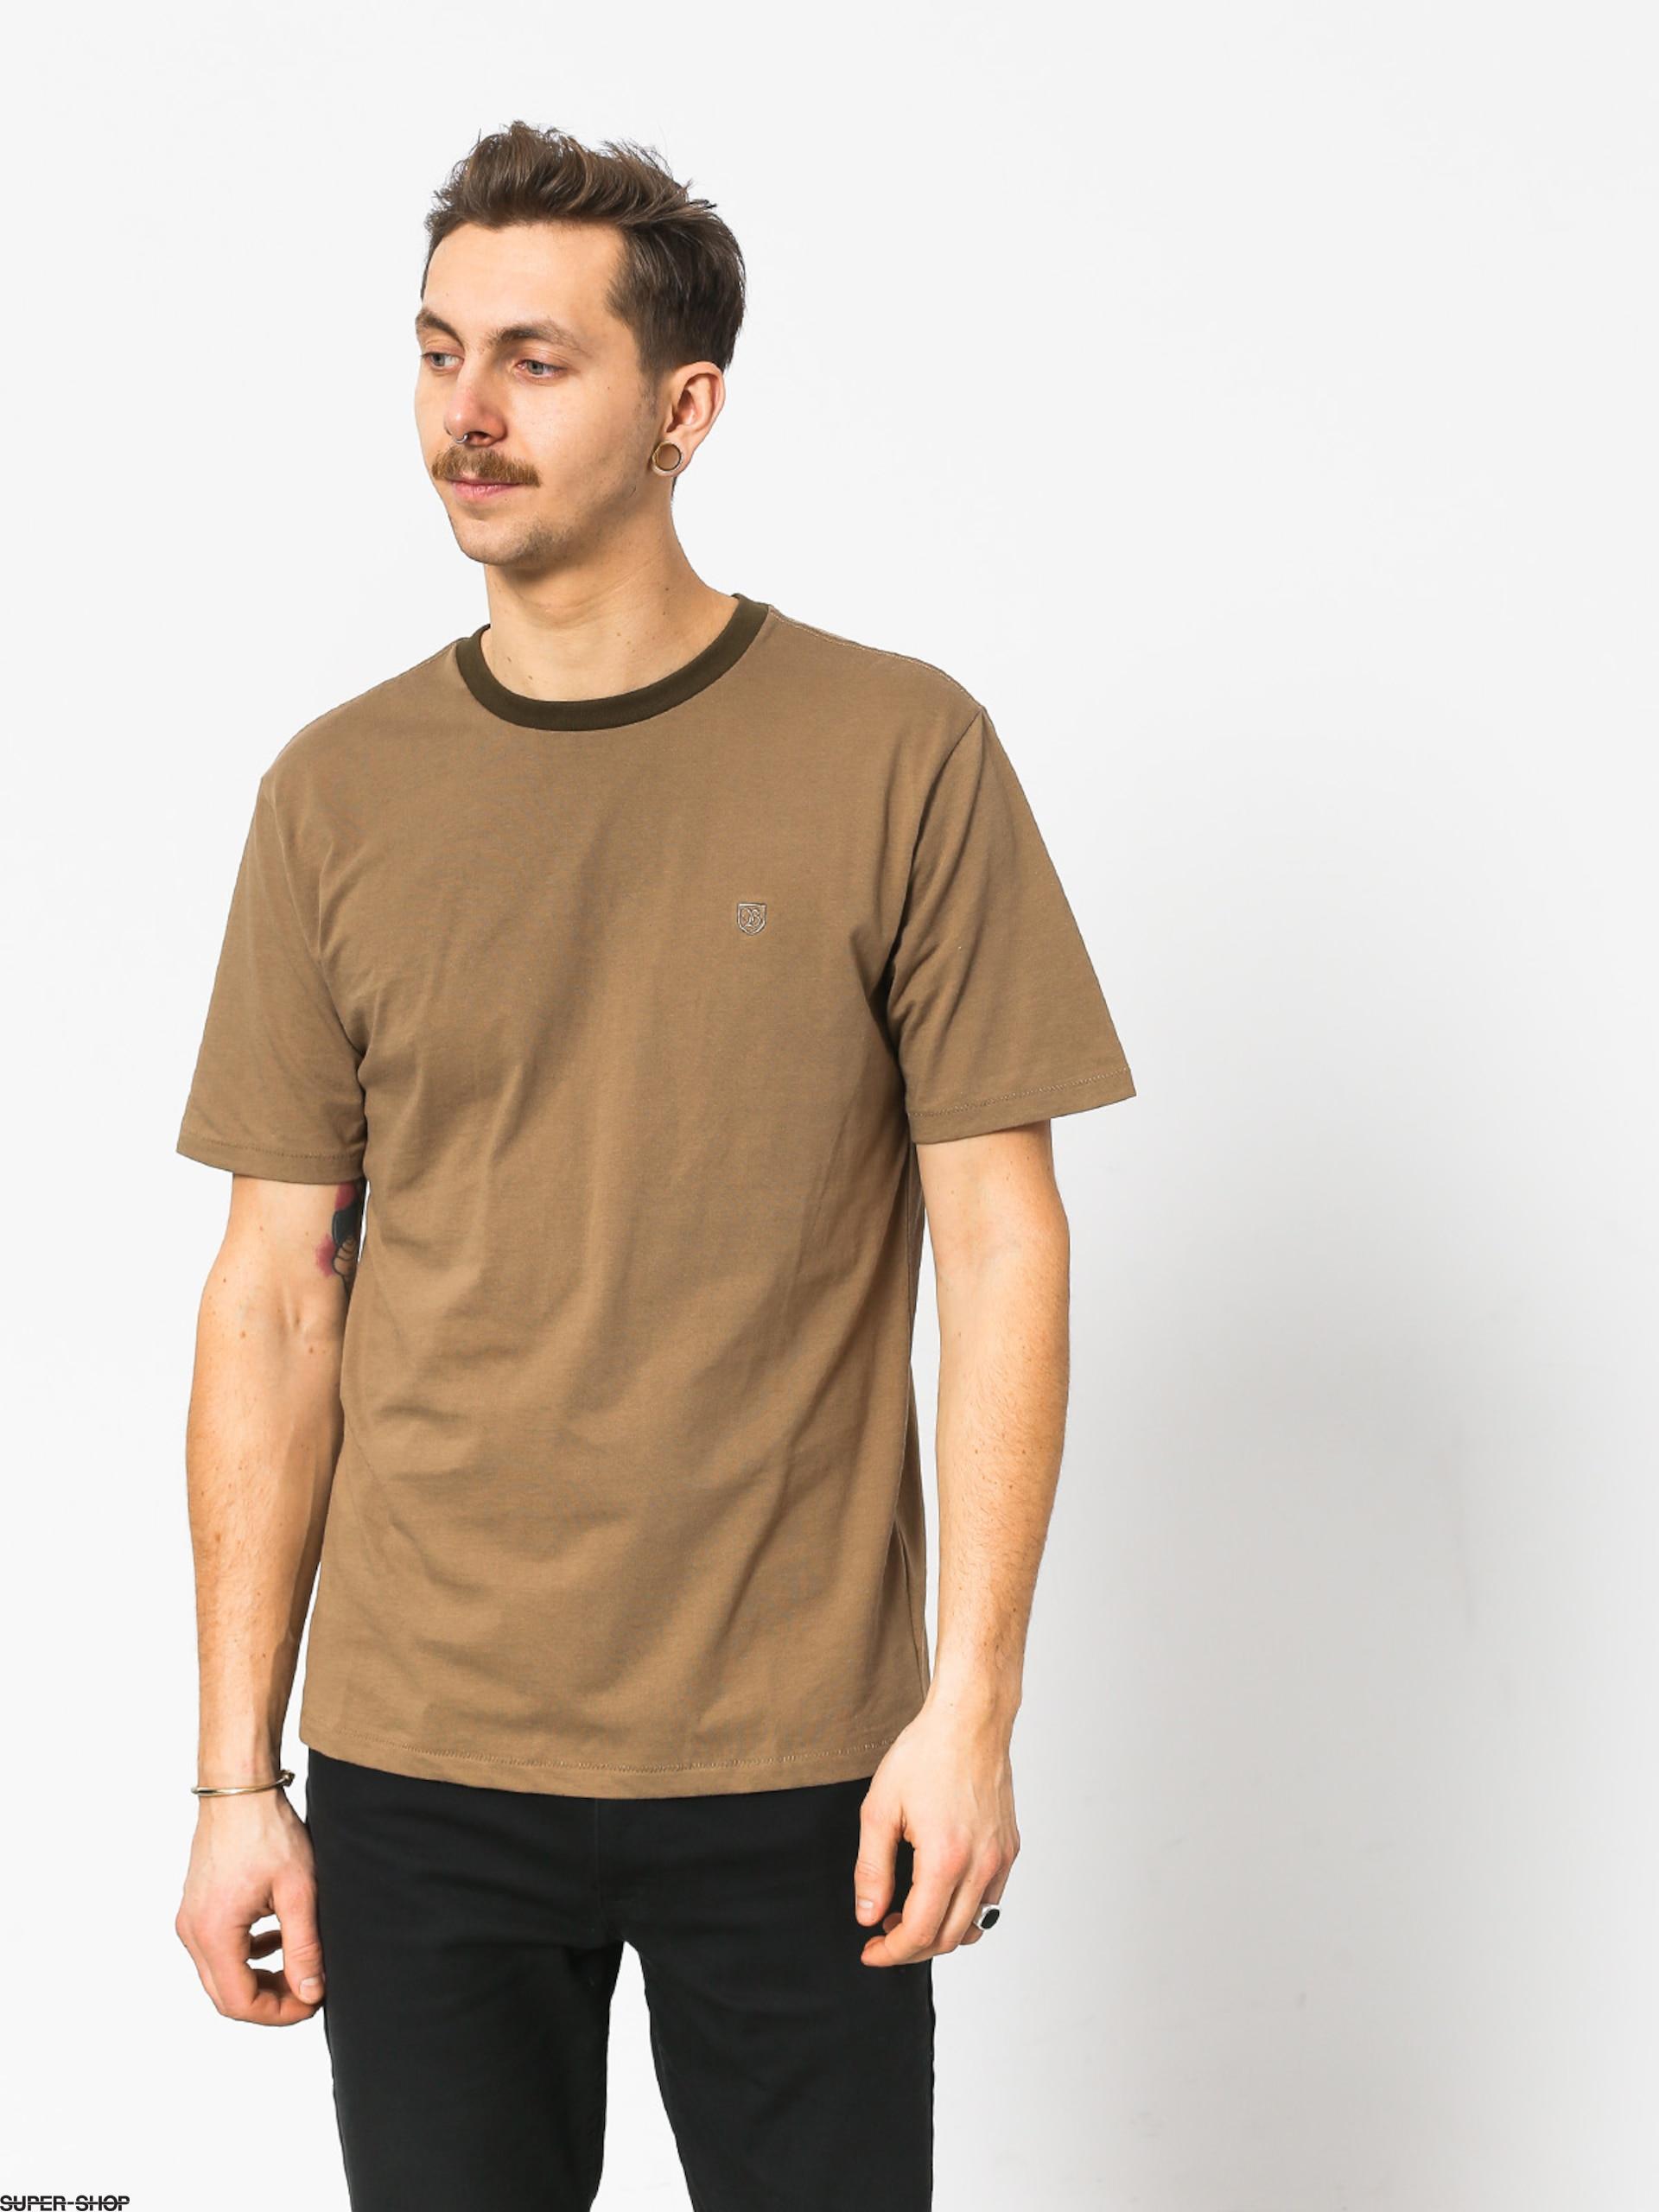 acbe60ab31 1009575-w1920-brixton-b-shield-prt-tshirt-dusty-olive.jpg